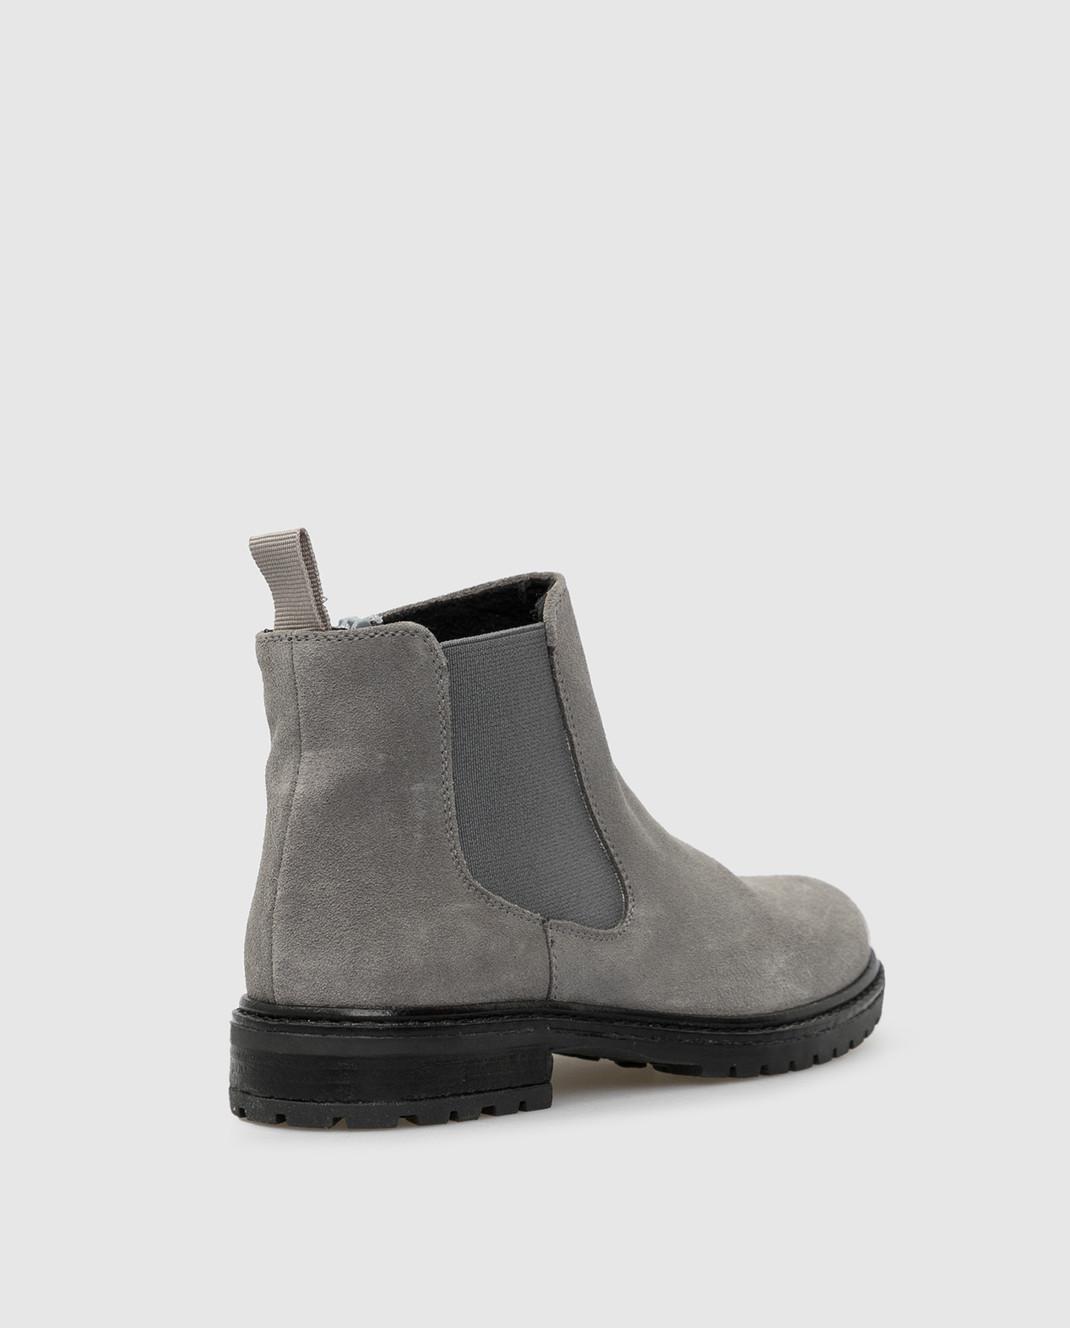 Zecchino D'oro Детские серые замшевые ботинки F0242003032 изображение 3